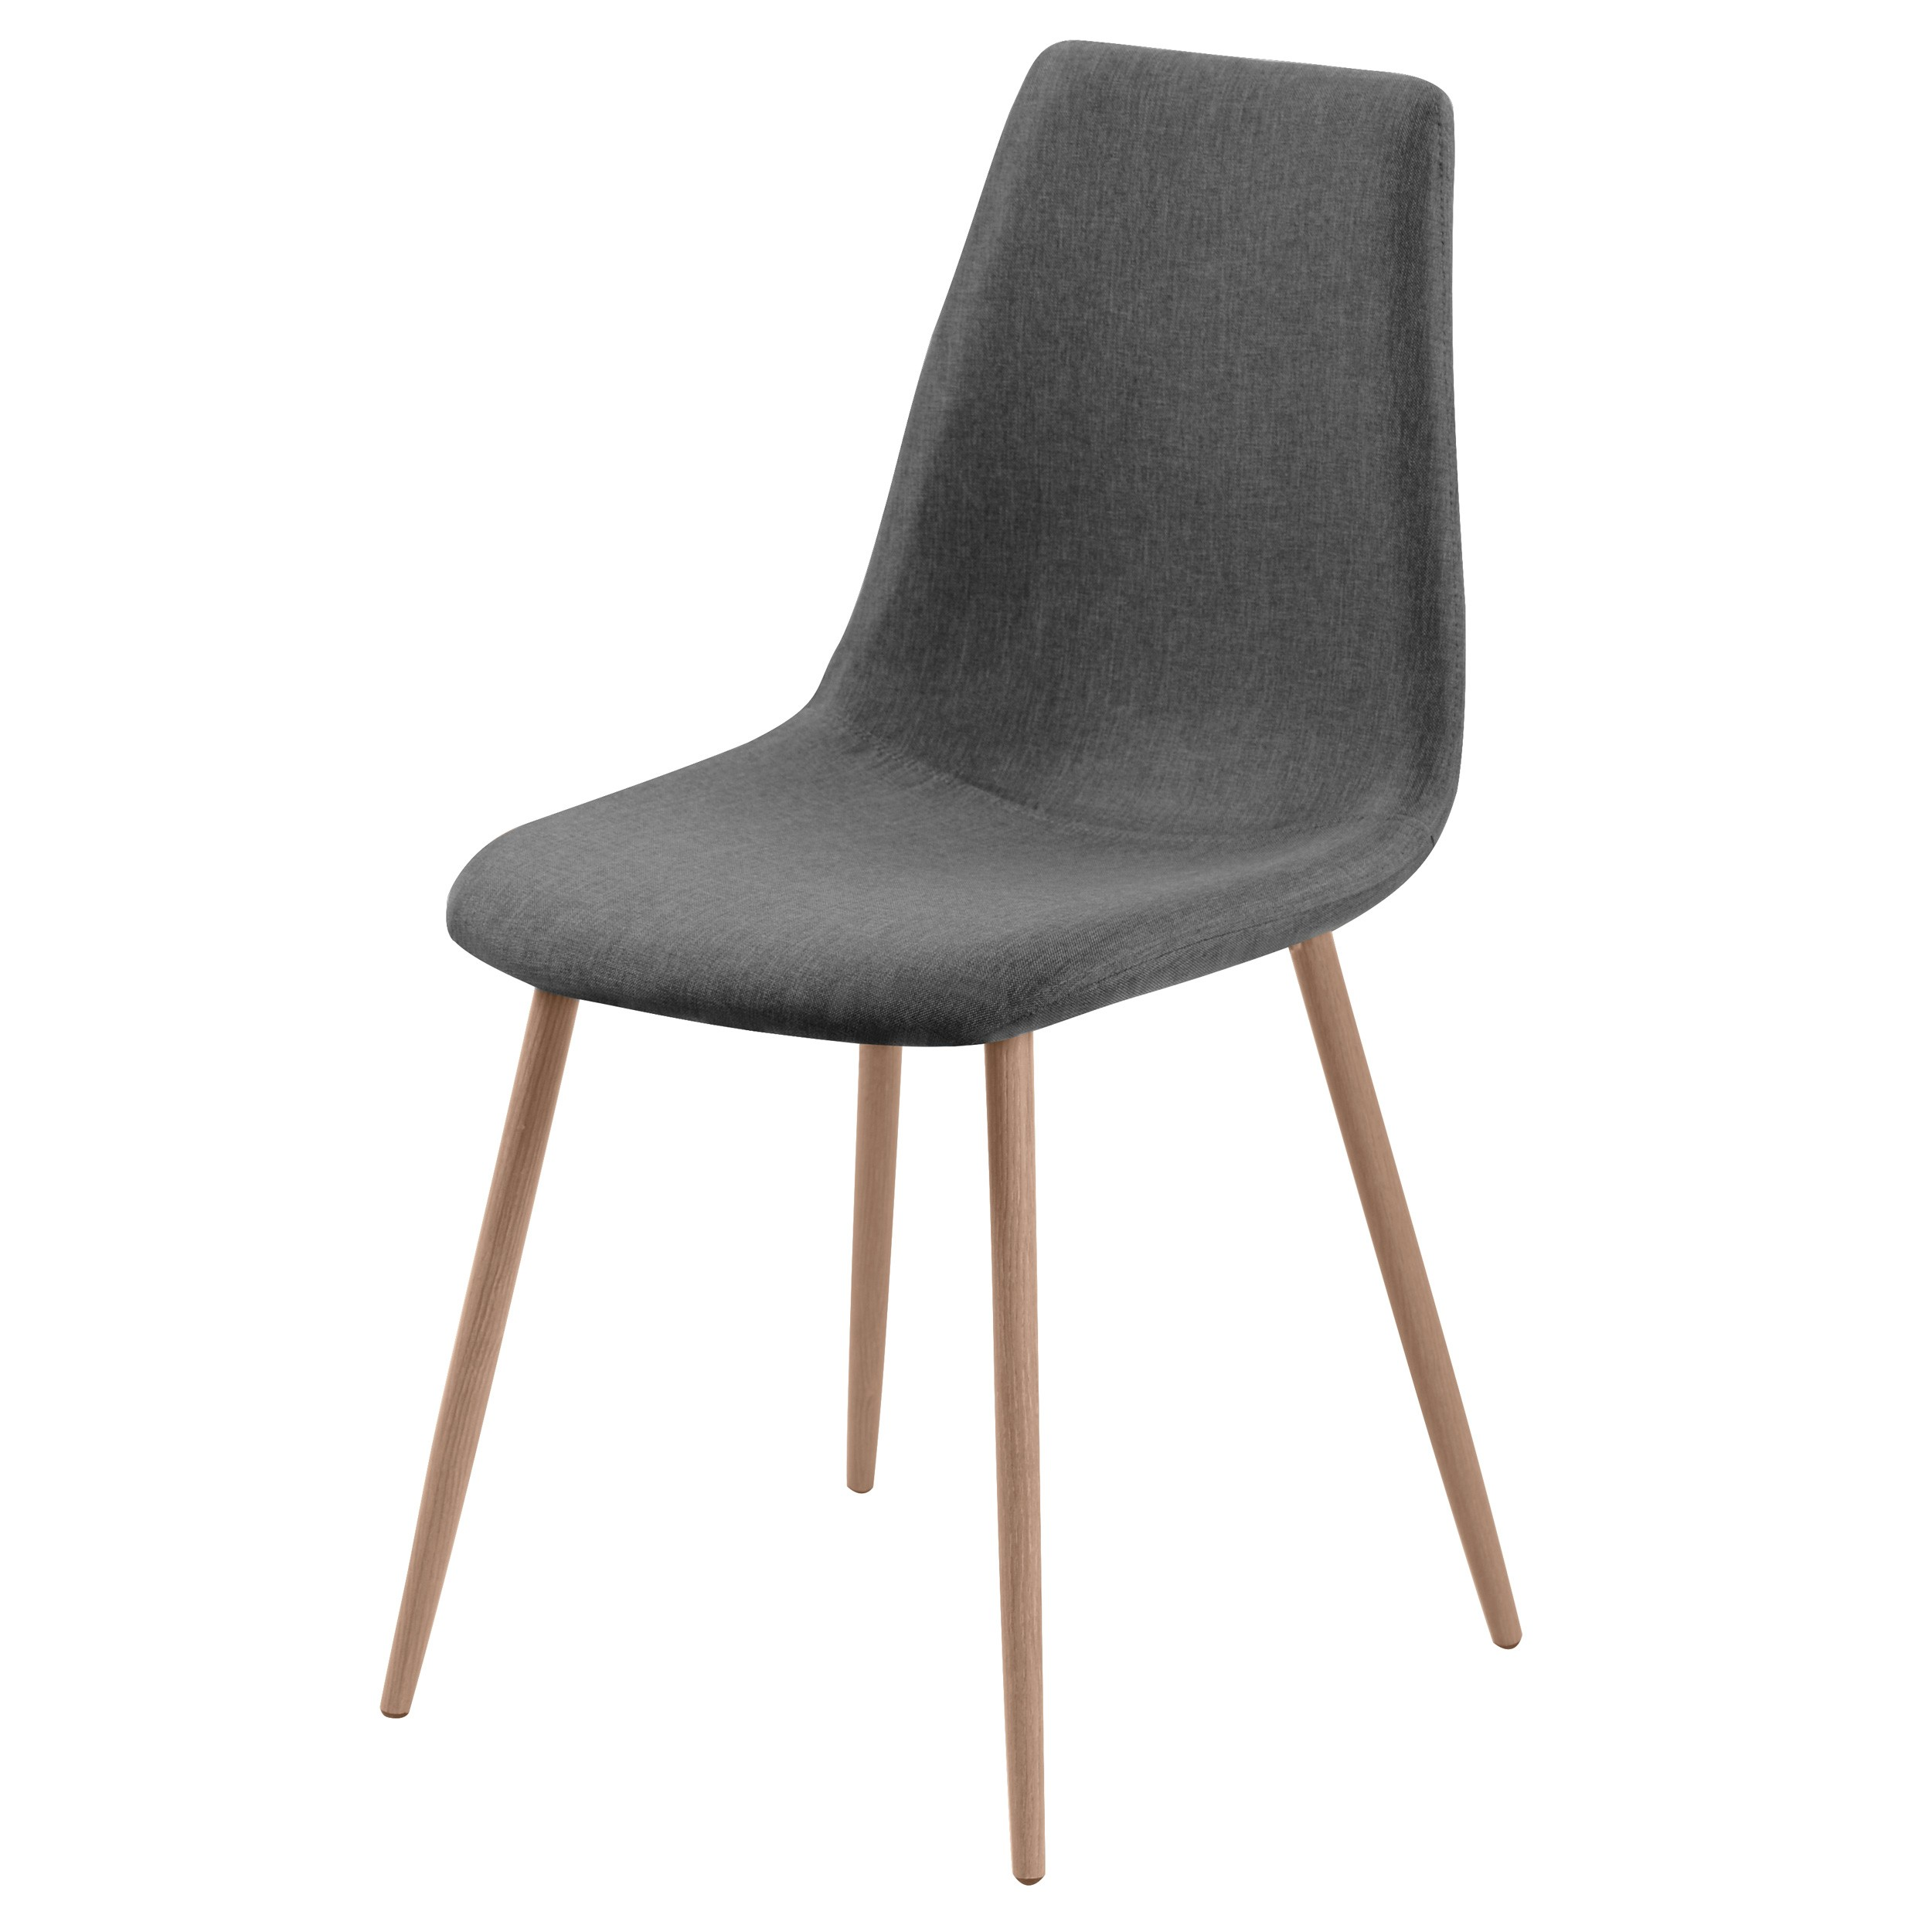 chaise aleksi grise lot de 2 d couvrez nos chaises aleksi grises lot de 2 prix d 39 usine. Black Bedroom Furniture Sets. Home Design Ideas